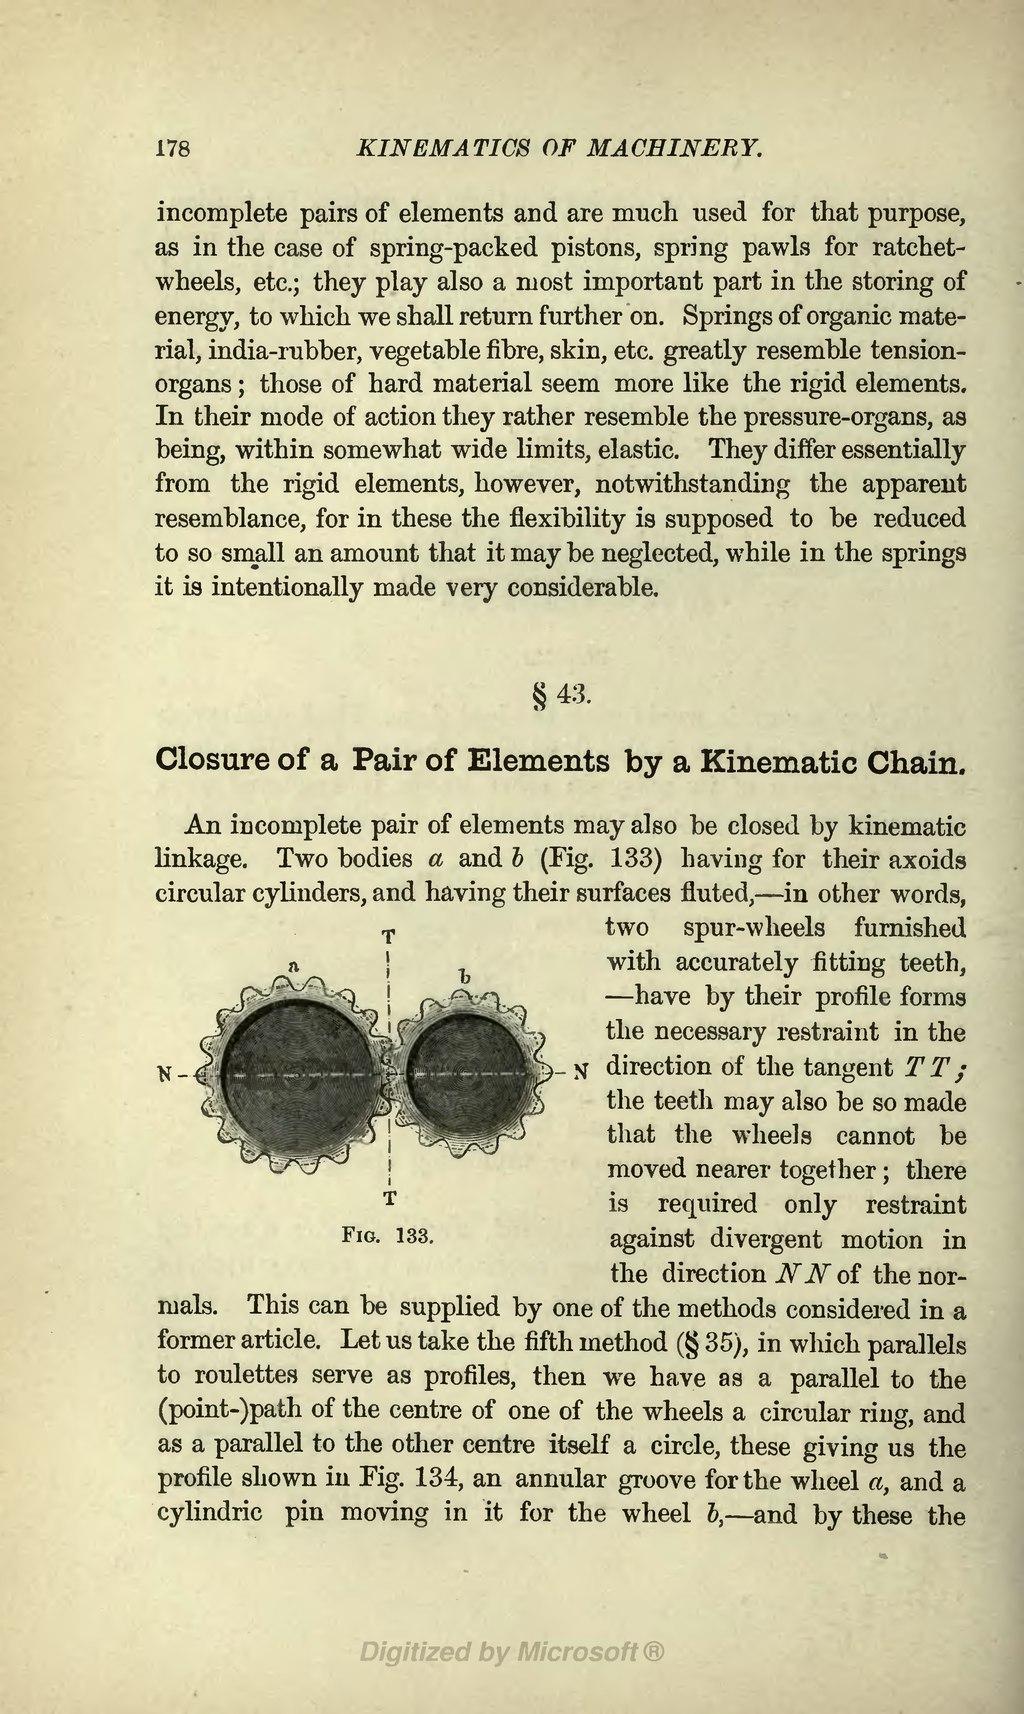 kinematics of machinery by jayakumar pdf